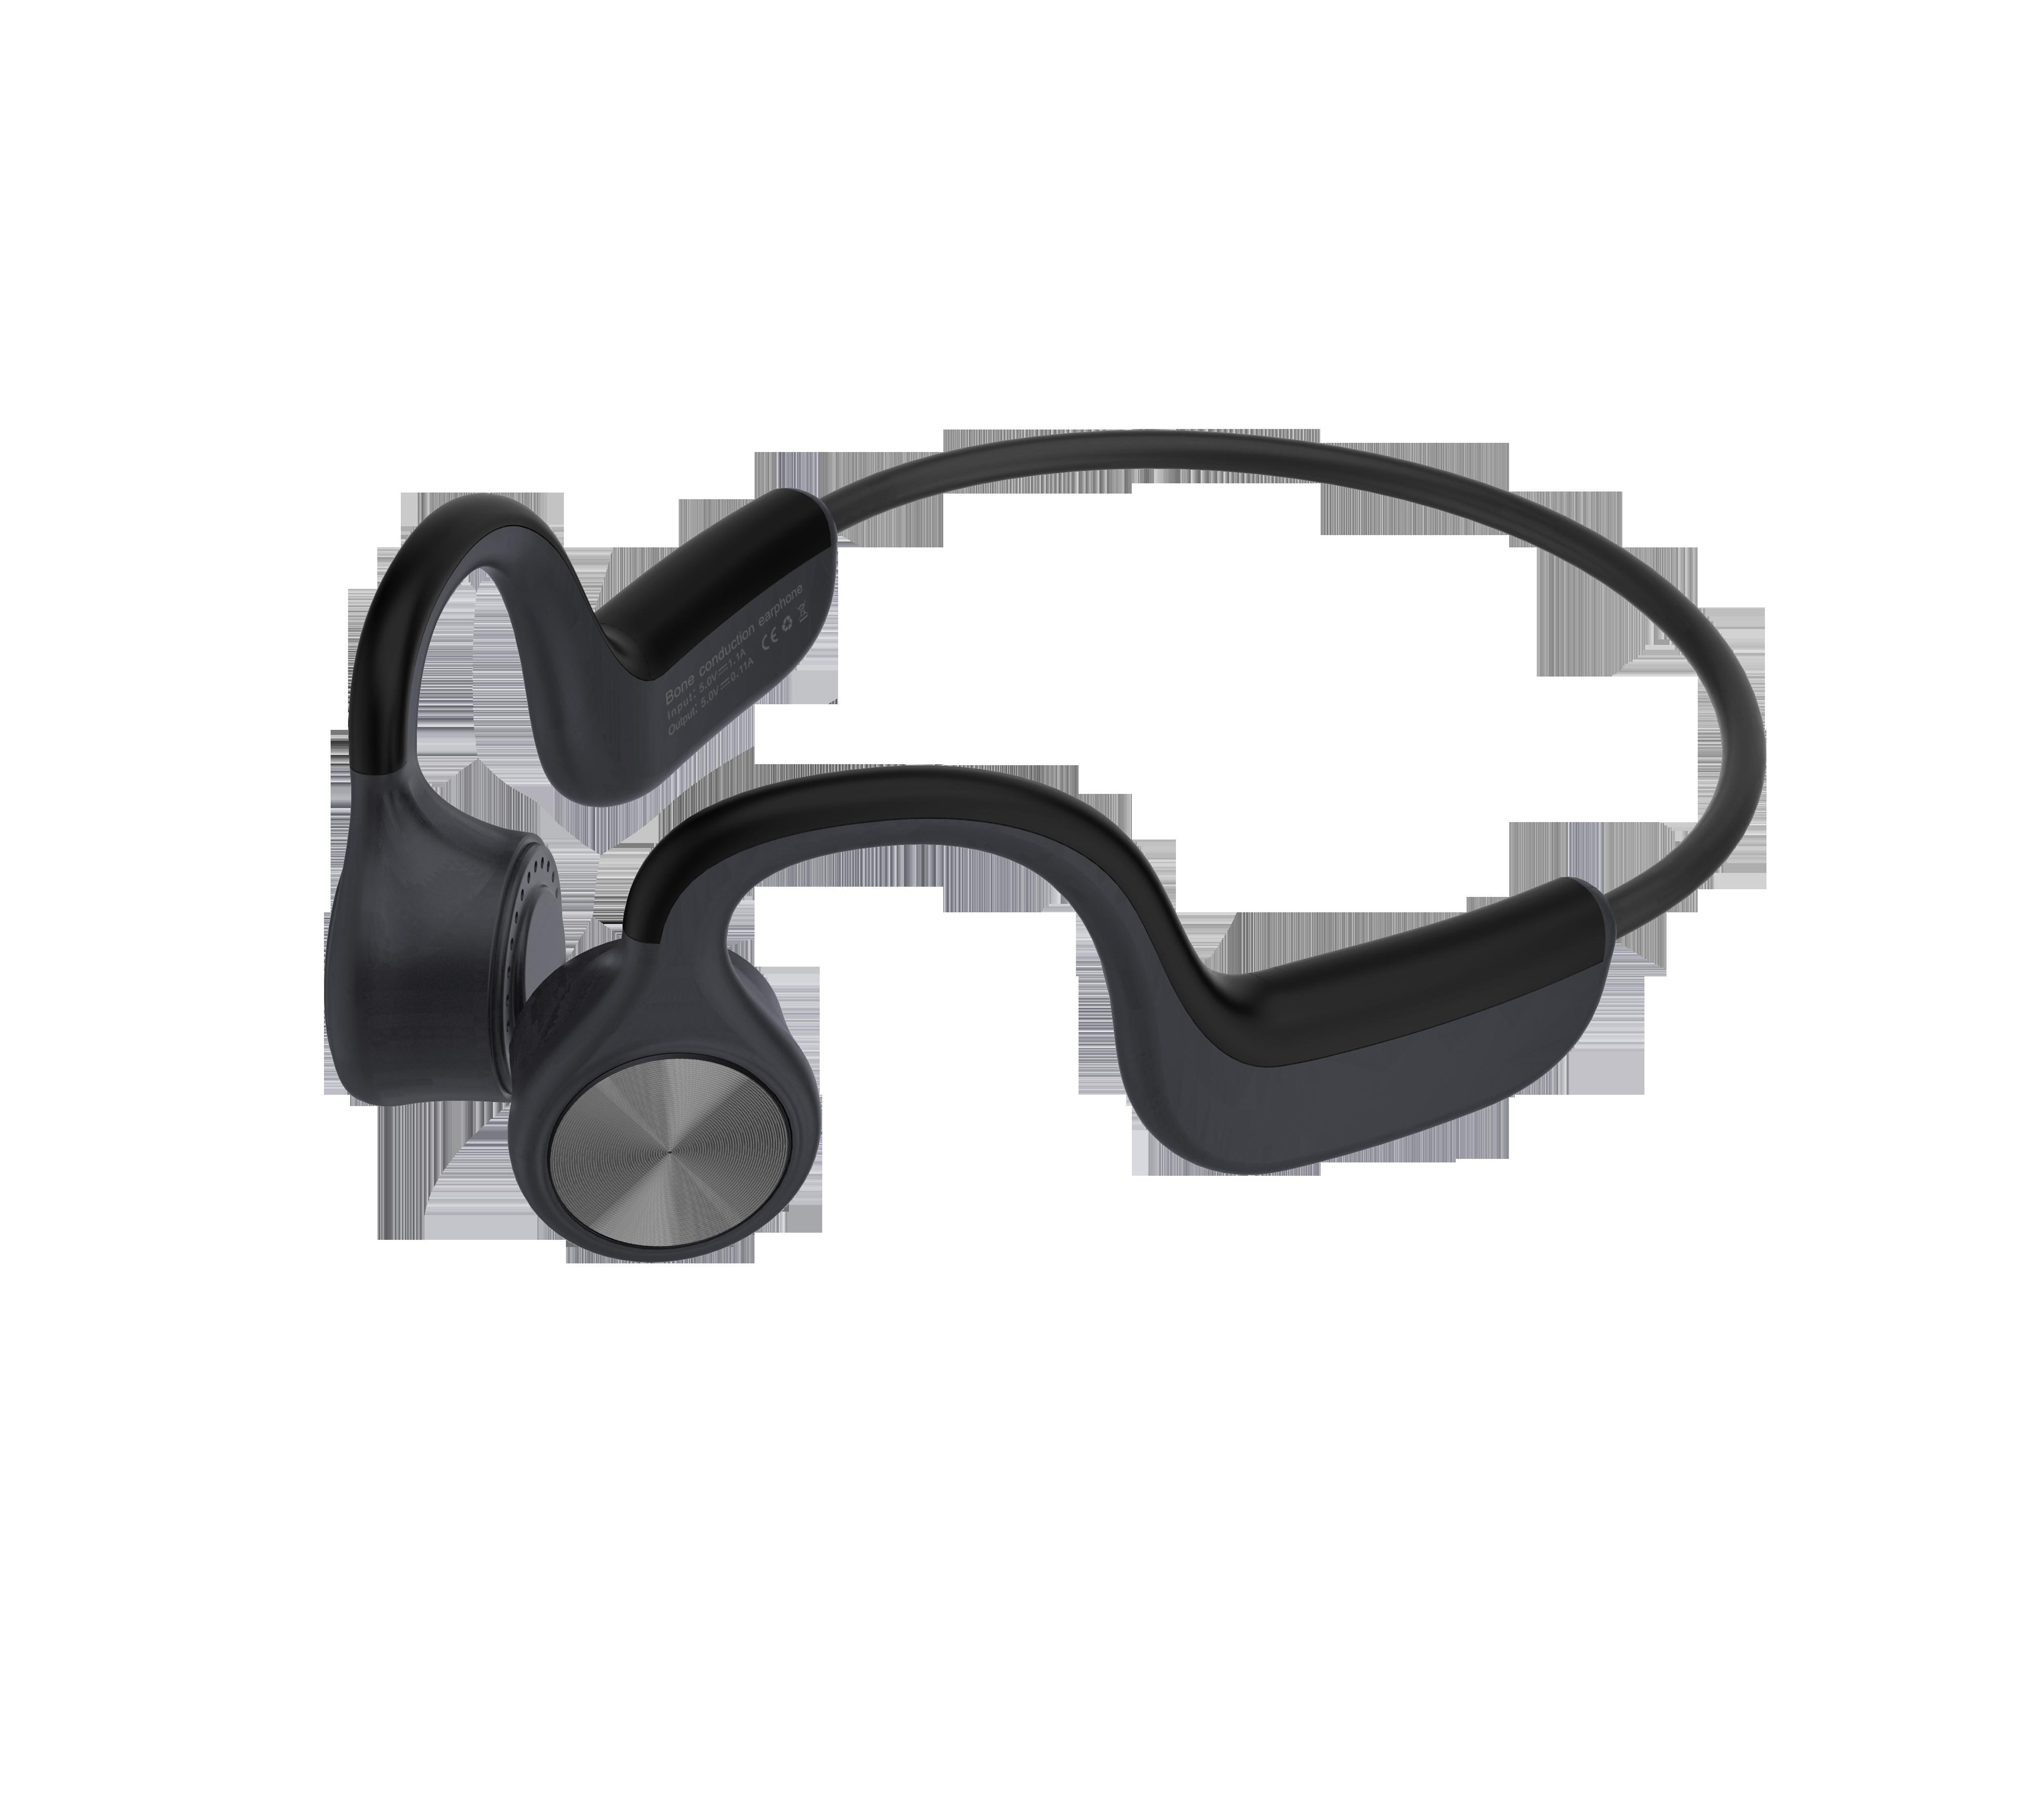 Lf 18 De Conducción Ósea Auriculares Con Micrófono Auriculares De Conducción Ósea Solución Auriculares De Conducción Ósea Openwater Buy Auriculares